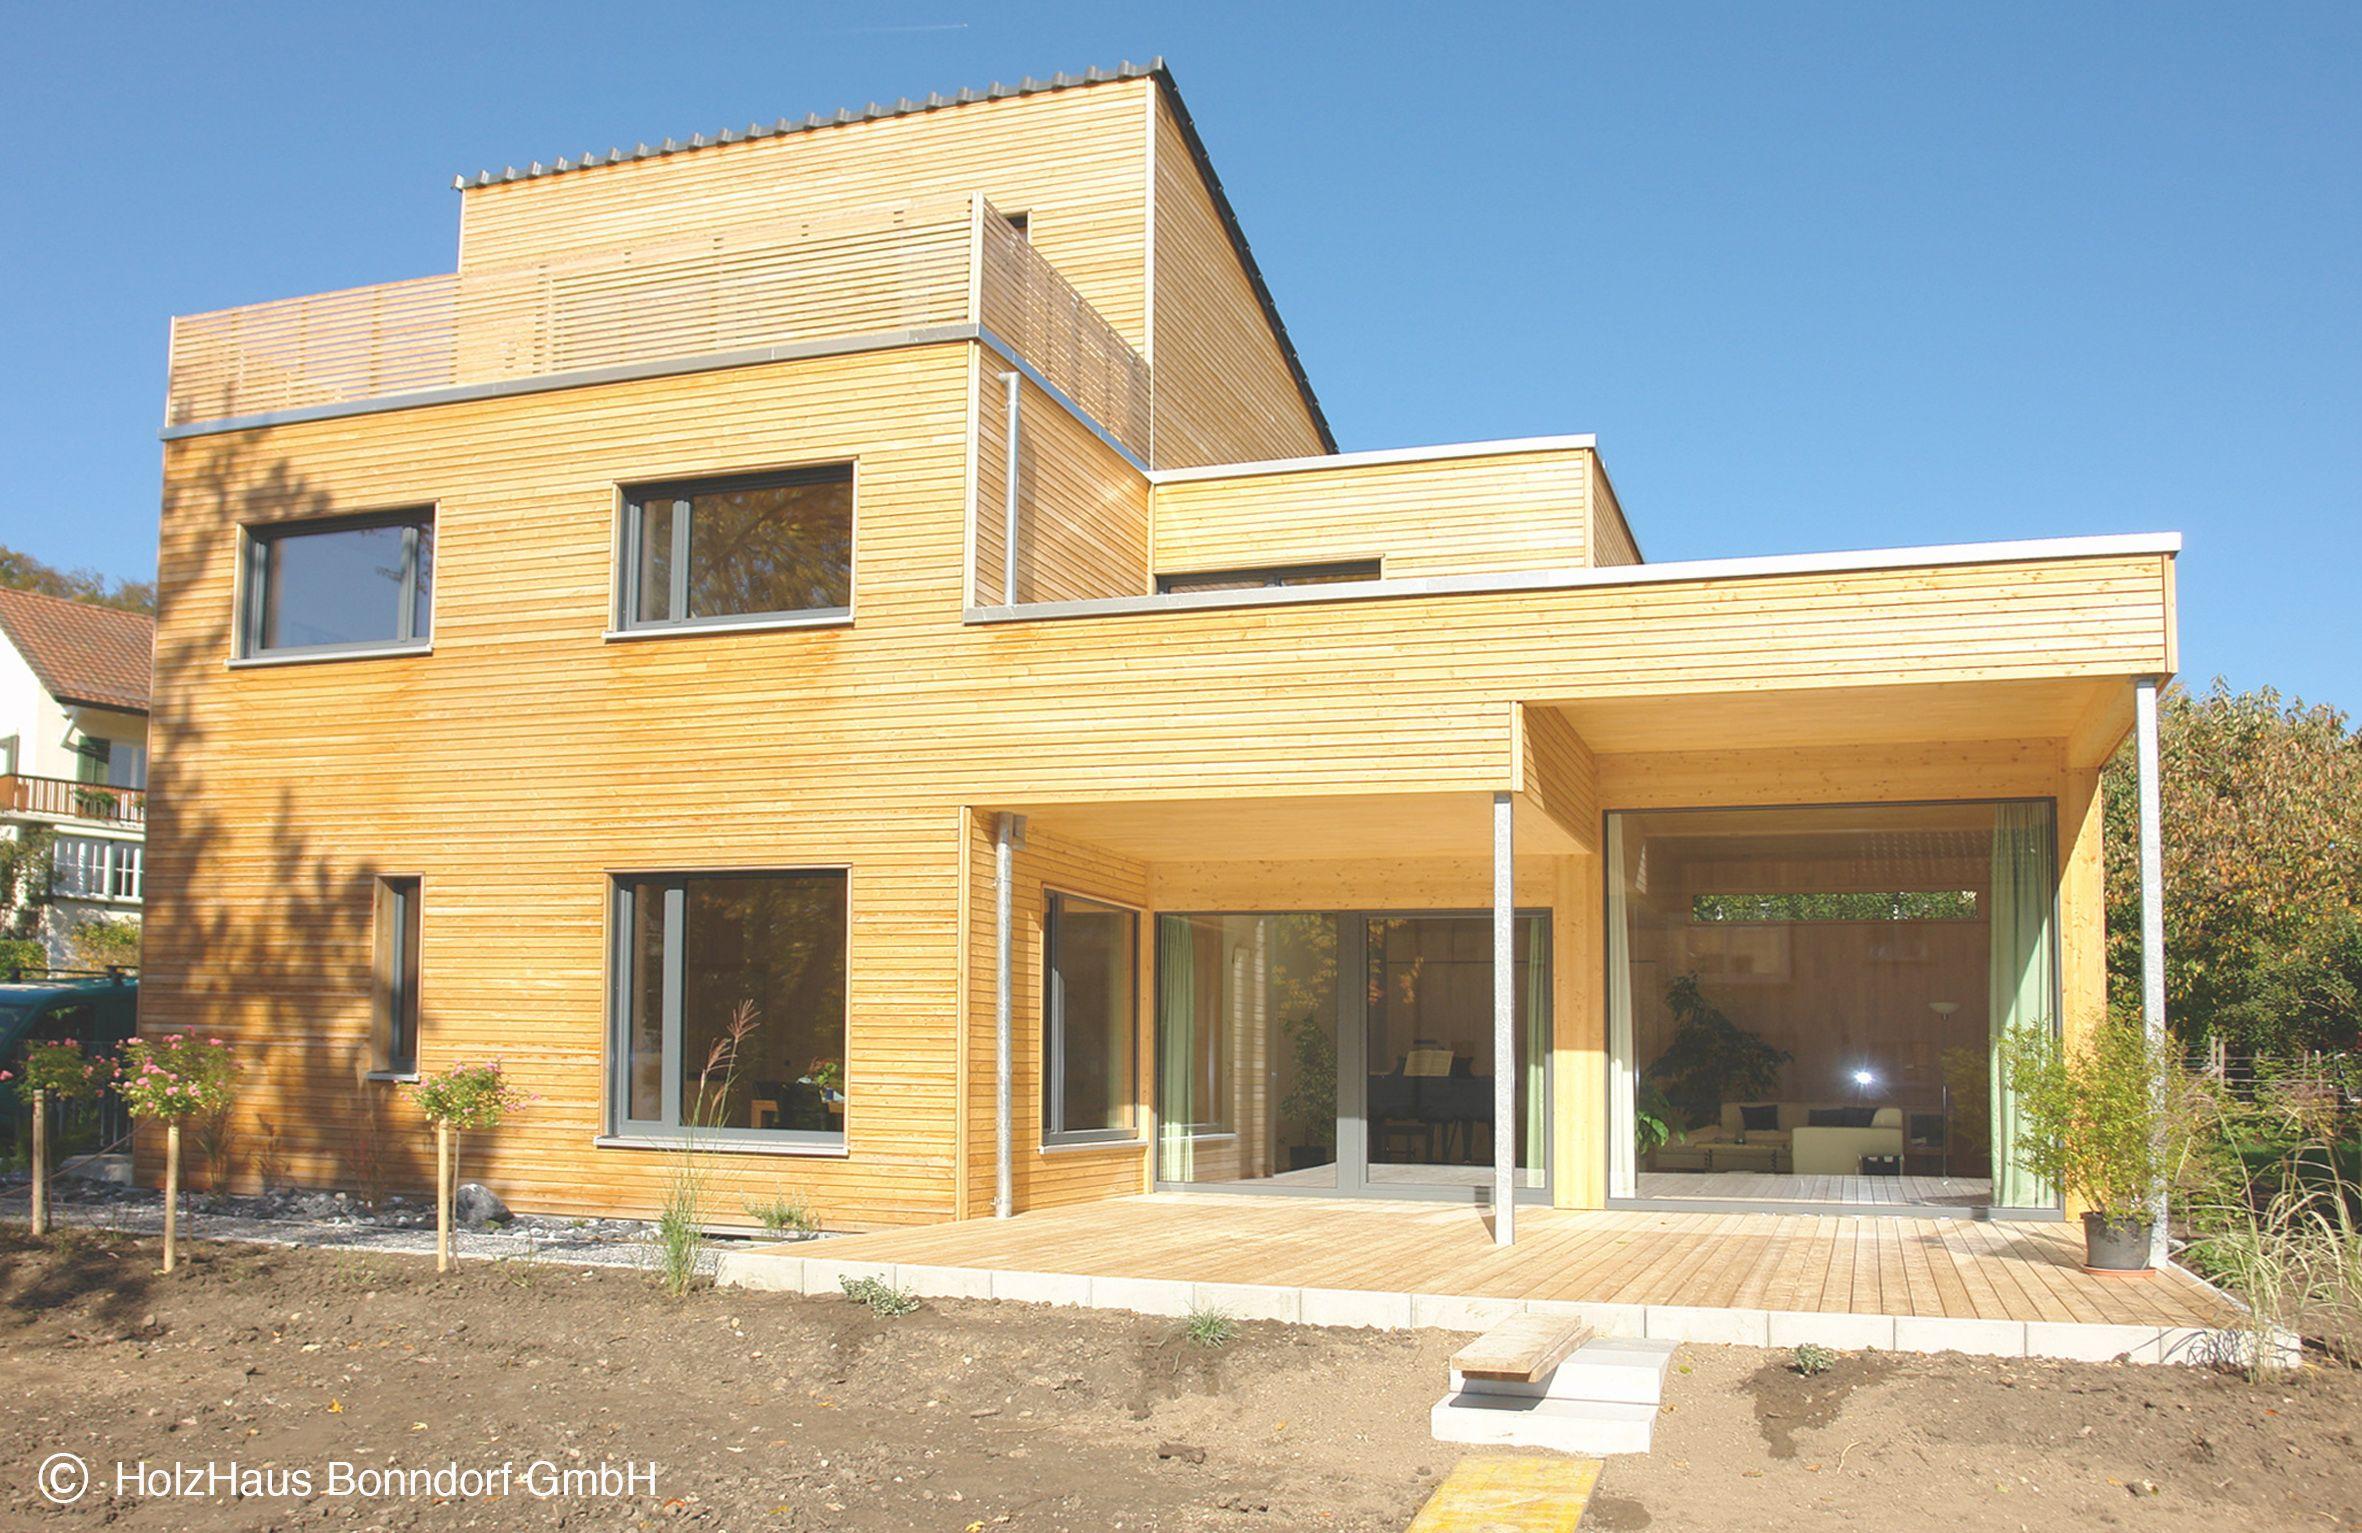 Enfamilienhaus In Rahmenbauweise Mit Garage Fassade Rhombusschalung Geschlossen In Lärche Unbehandelt Balkne Holzbalkon In Lärch Haus Holzhaus Holzbalkon